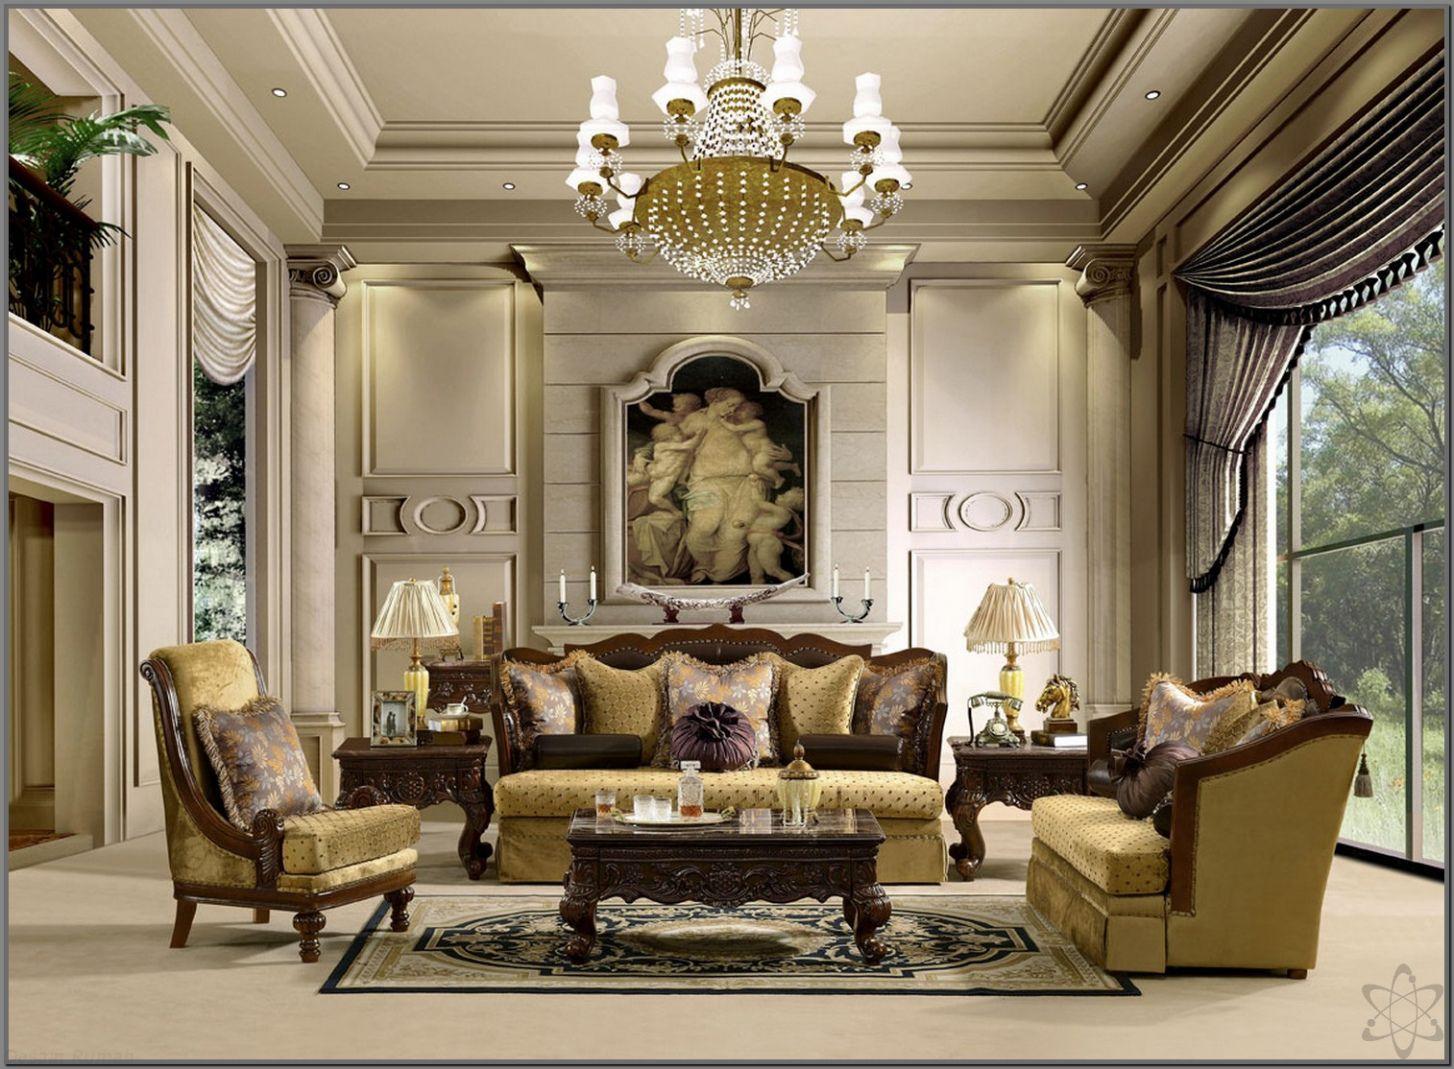 Desain interior ruang tamu klasik minimalis check more at http desainrumahkita also rh za pinterest